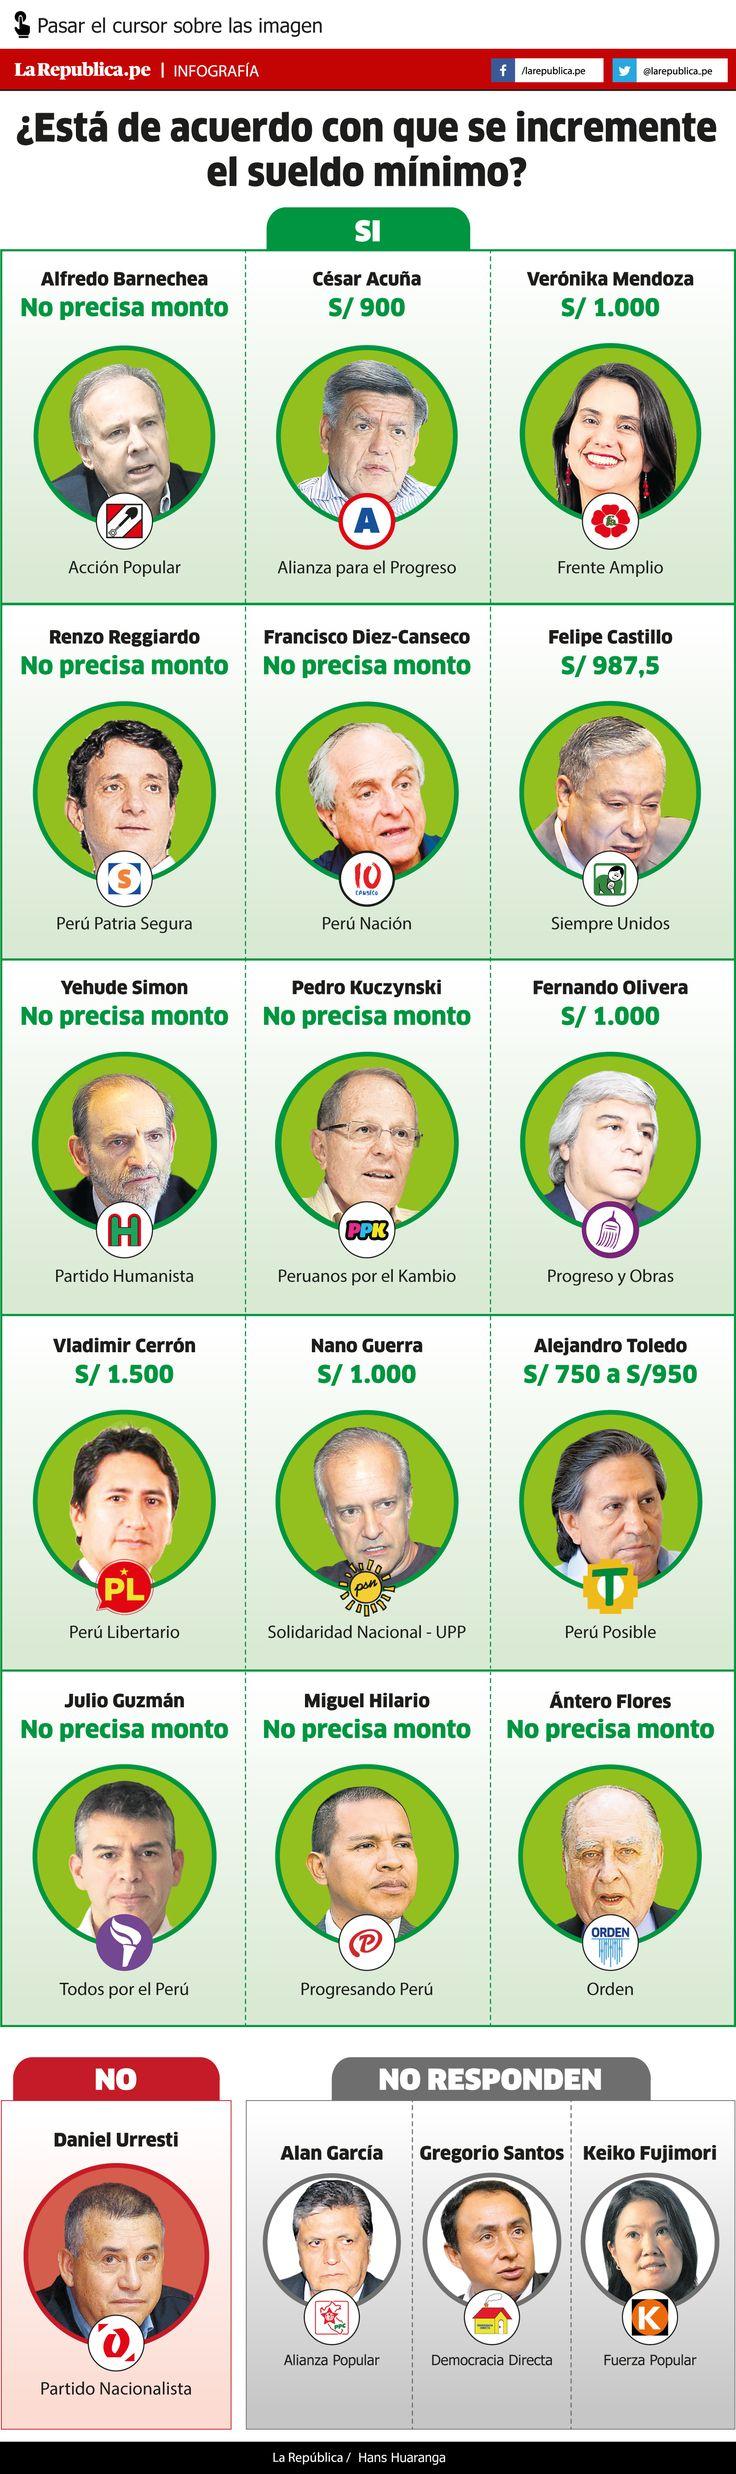 """Echa un vistazo a mi proyecto @Behance: \u201cInfografia """"Campaña Electoral Perú 2016""""\u201d https://www.behance.net/gallery/34823237/Infografia-Campana-Electoral-Peru-2016"""